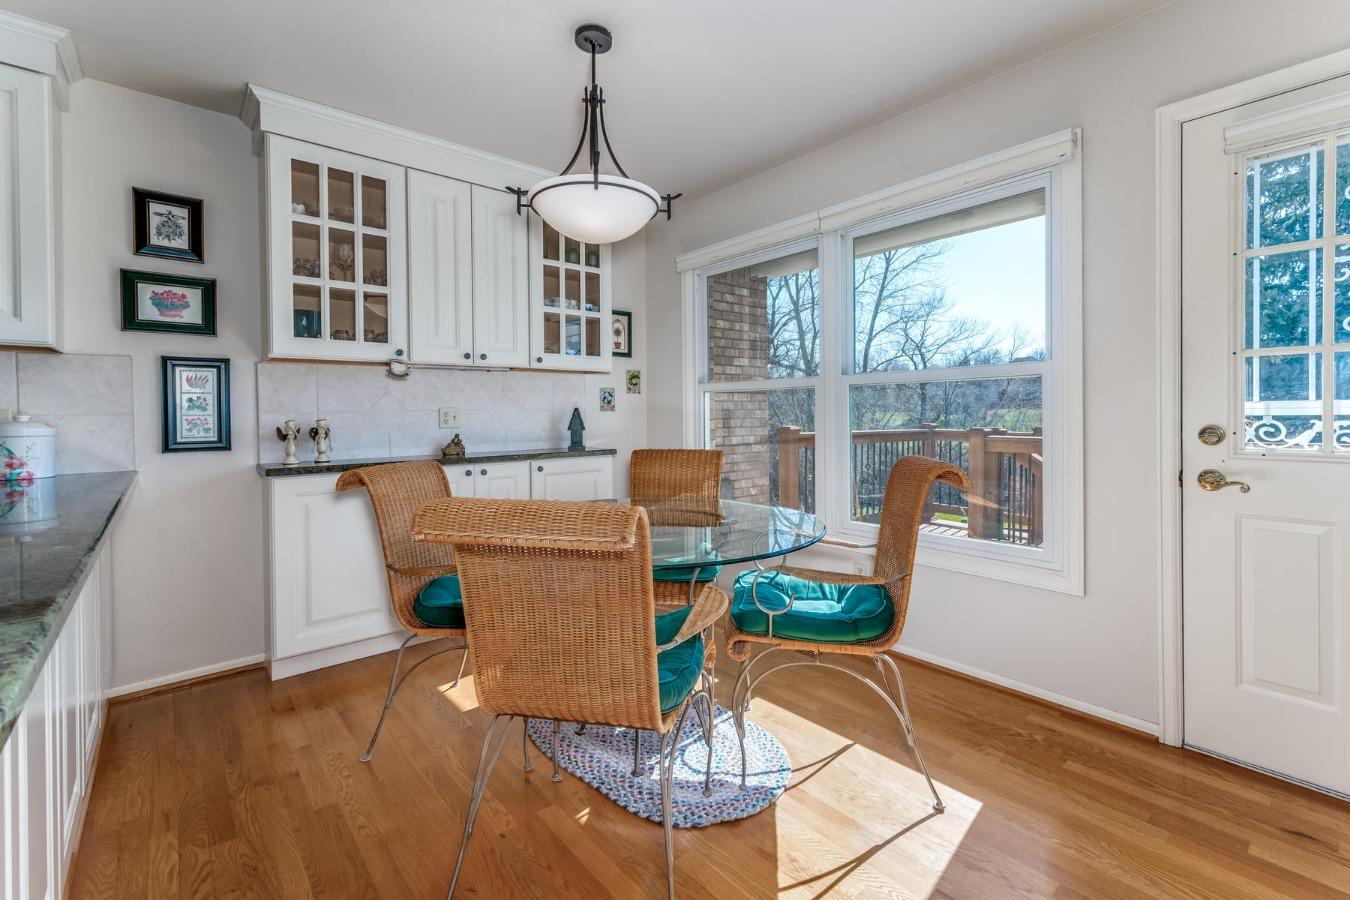 Kitchen Nook with Views in Eat-in Kitchen